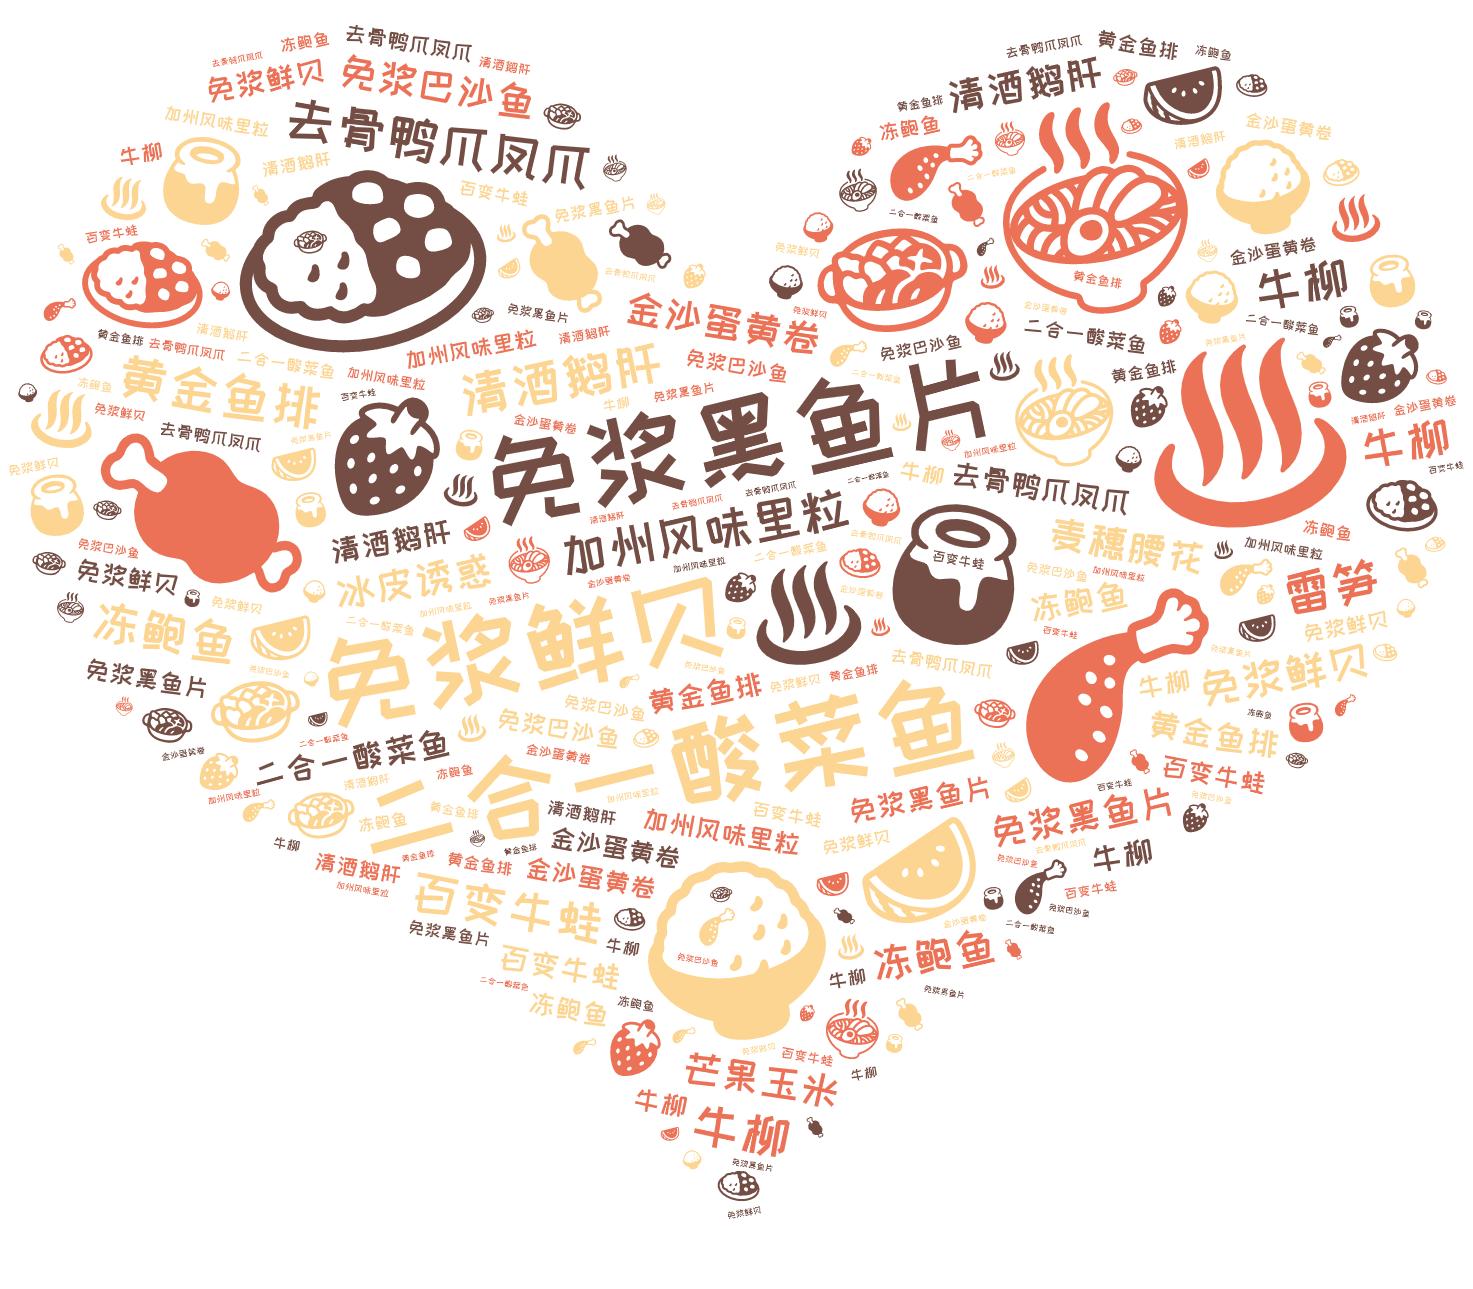 词云图,文字云图,免浆黑鱼片 免浆鲜贝 二合一酸菜鱼 :curry: :hotsprings: :ramen: :rice: :meat_on_bone: :poultry_leg: :honey_po't':